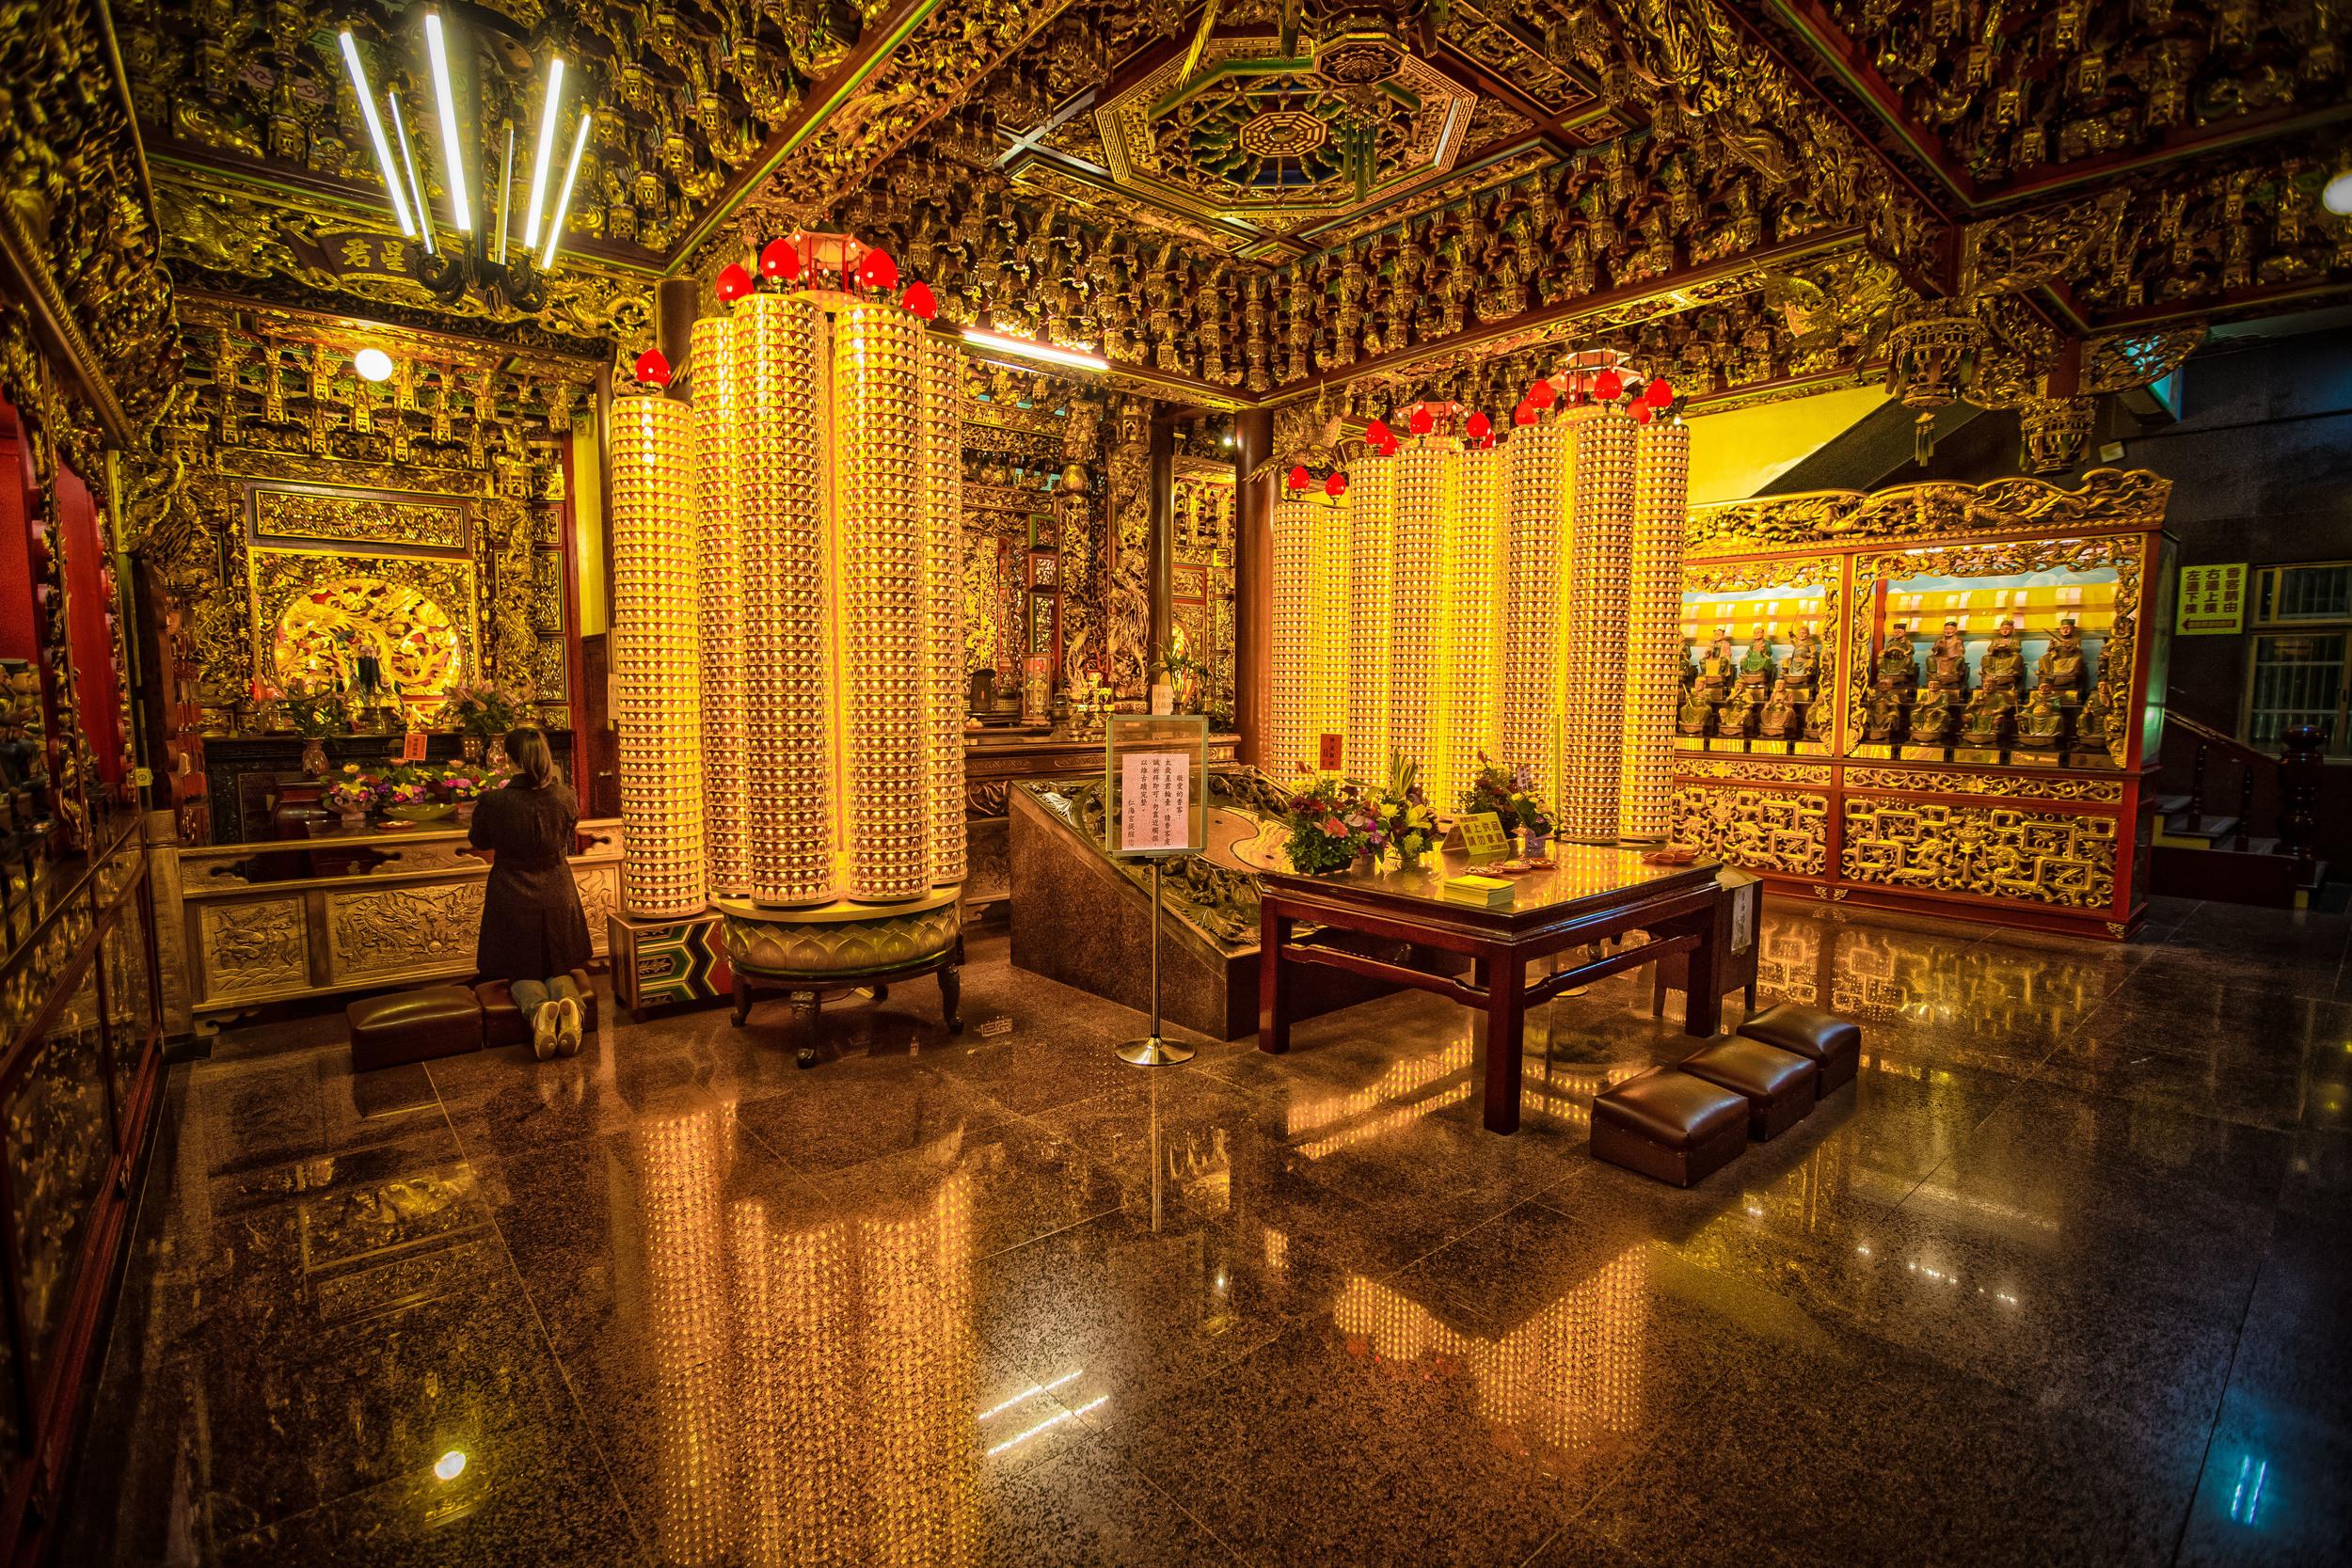 - 中壢市,仁海宮 Chungli City's Ren-Hai Temple